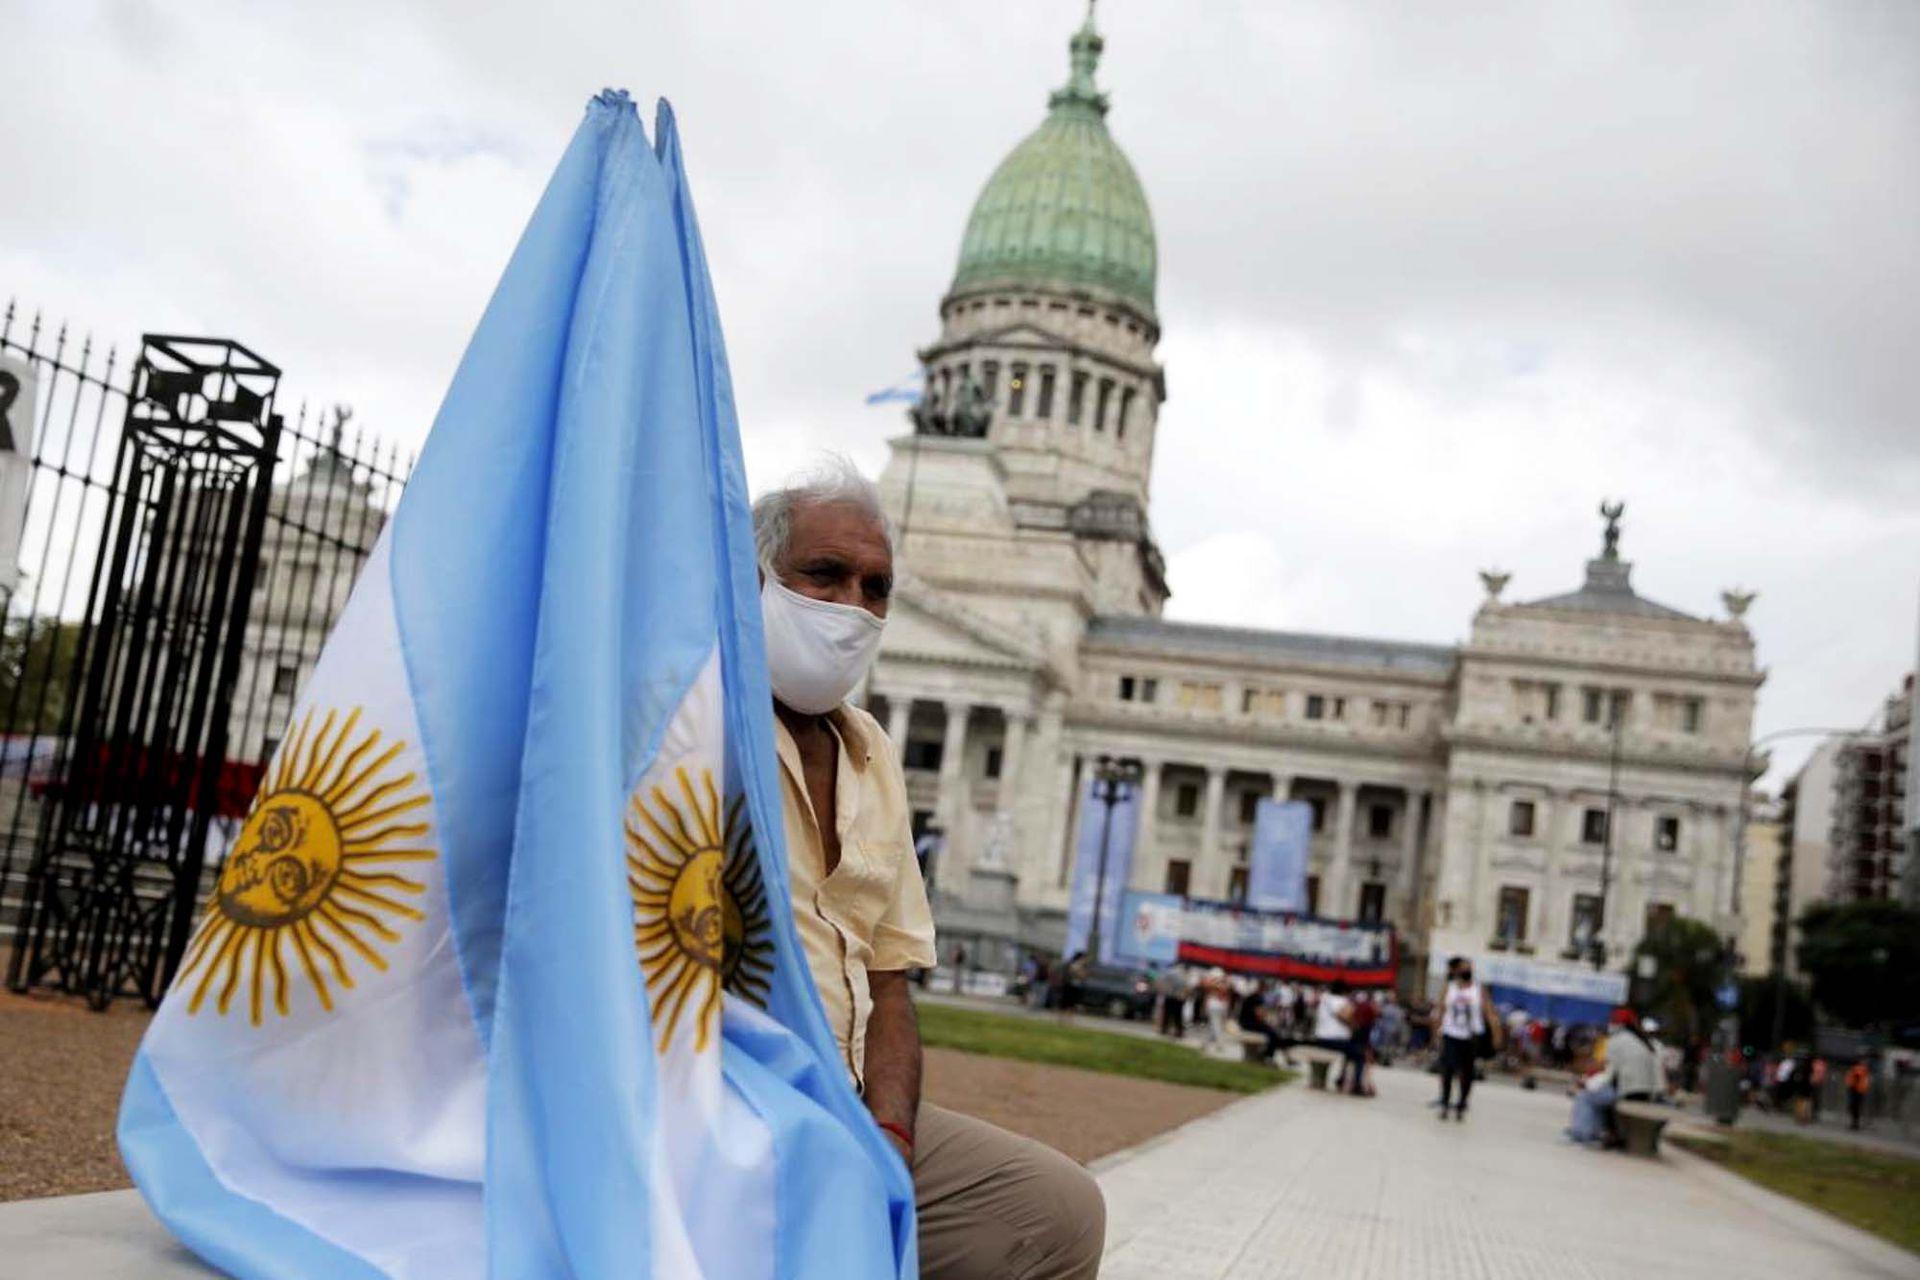 Un hombre con su bandera espera en los alrededores del Congreso la apertura de las sesiones legislativas